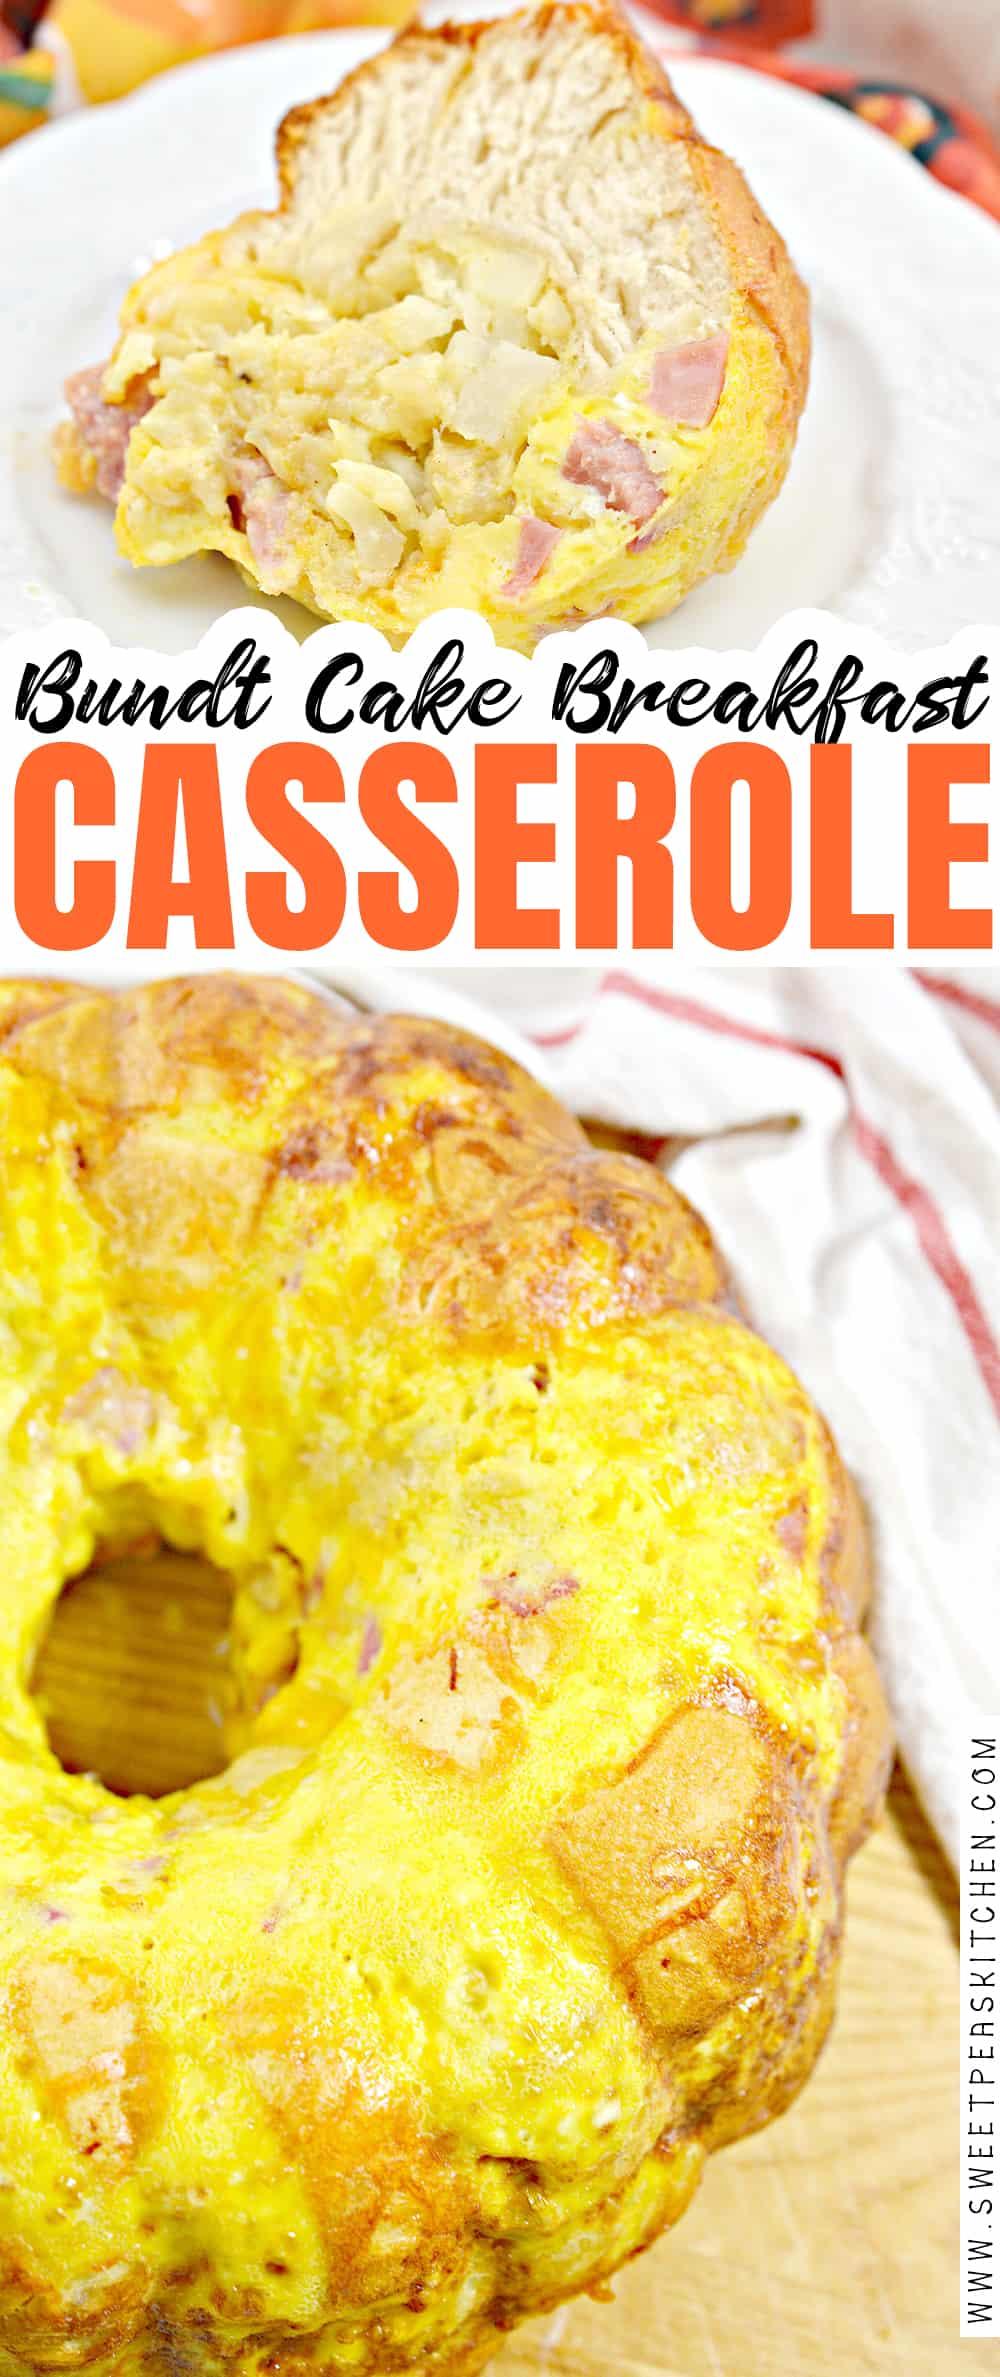 Bundt Cake Breakfast Casserole